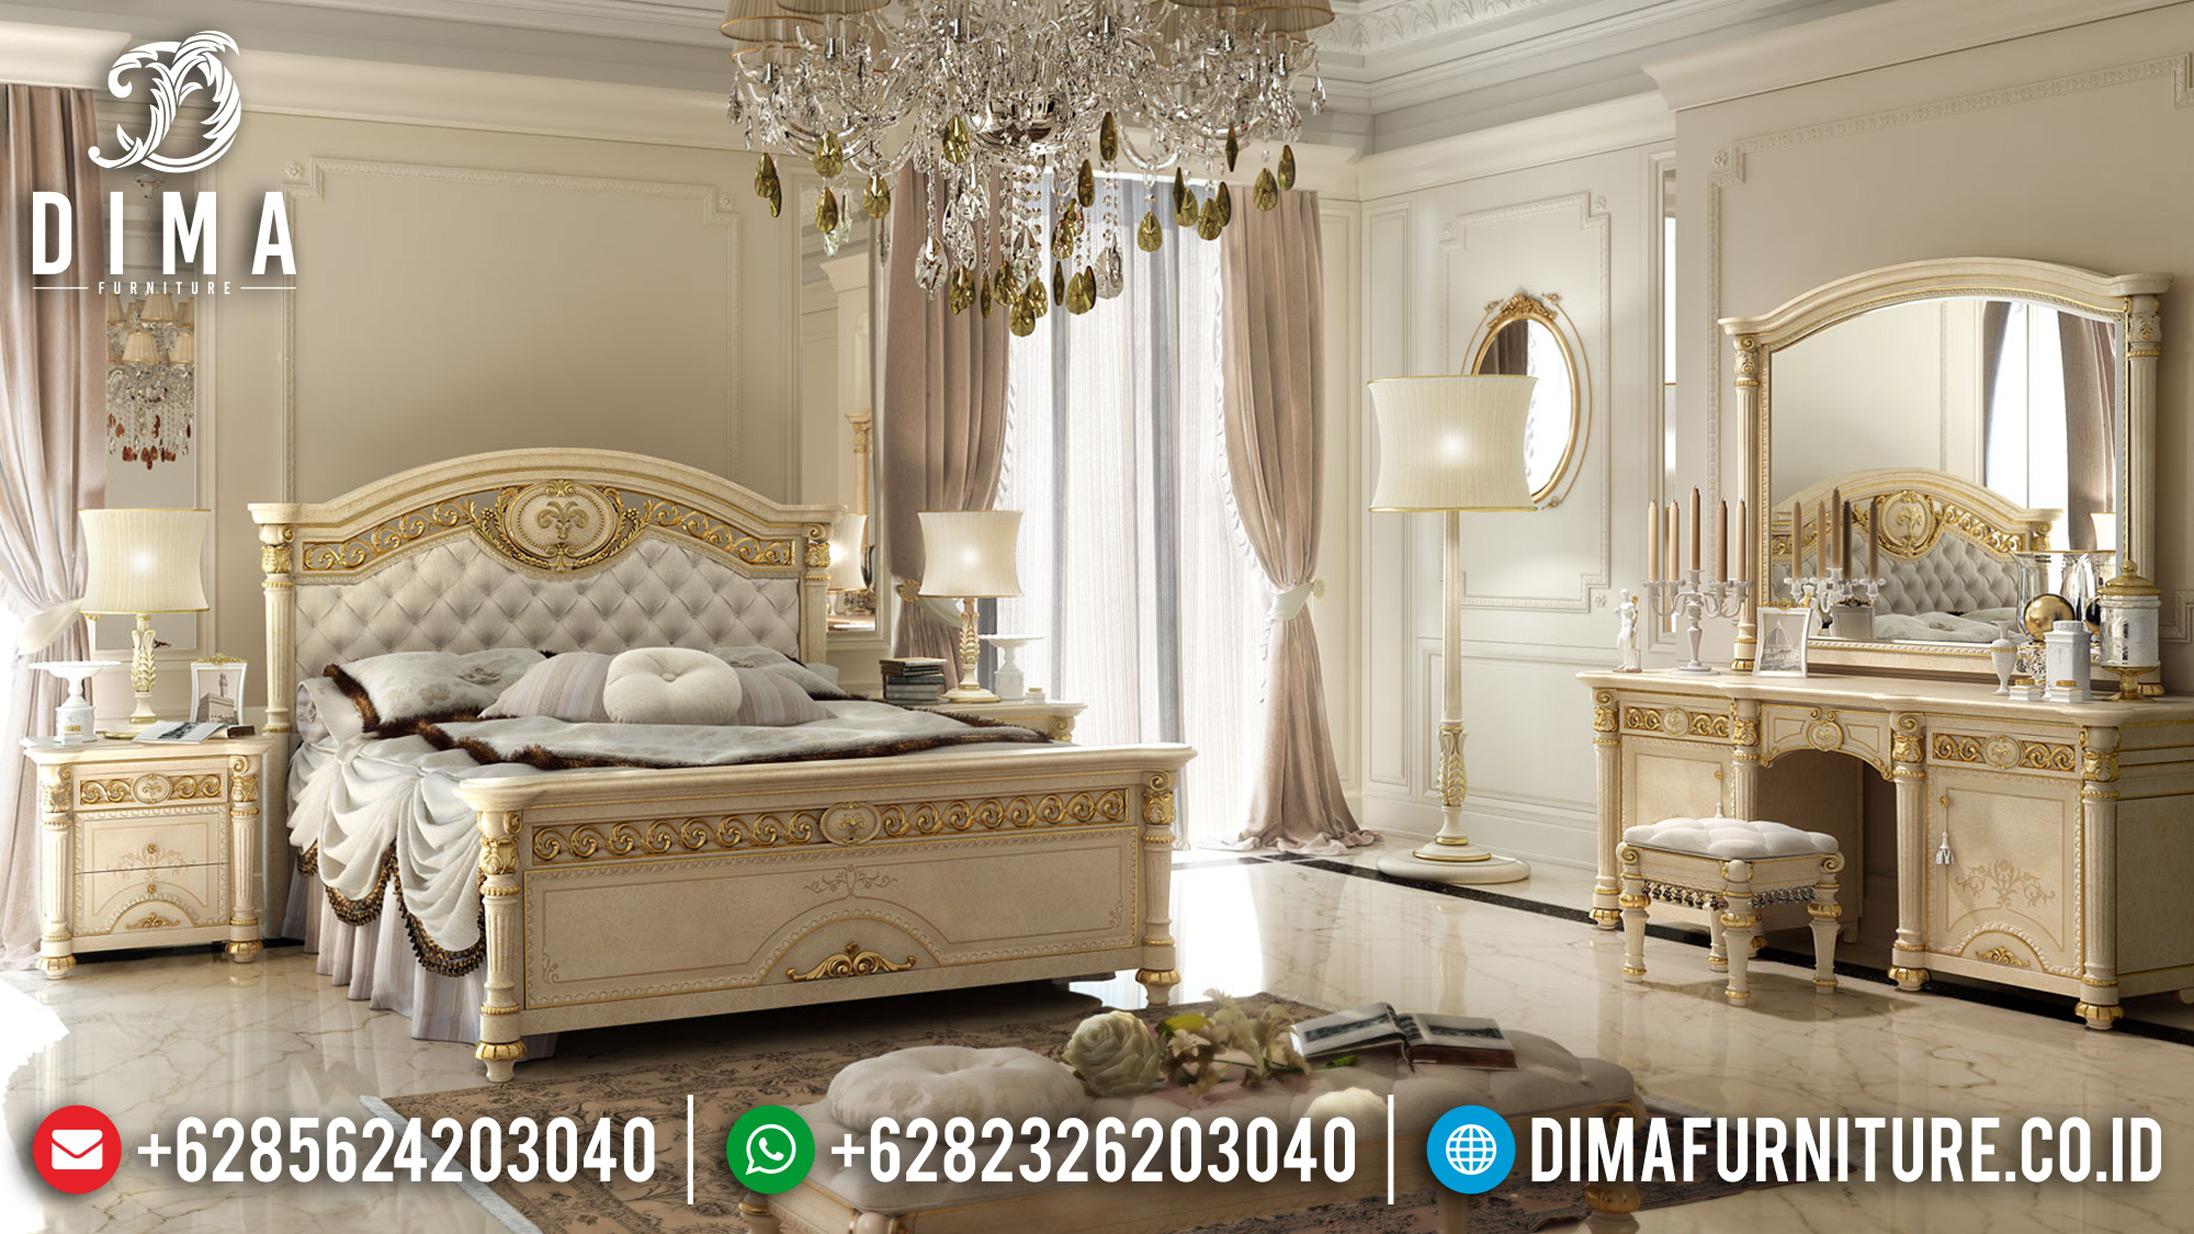 20+ Tempat Tidur Jepara Mewah Dan Minimalis Pilihan Tahun 2019 008 Dima Furniture Jepara